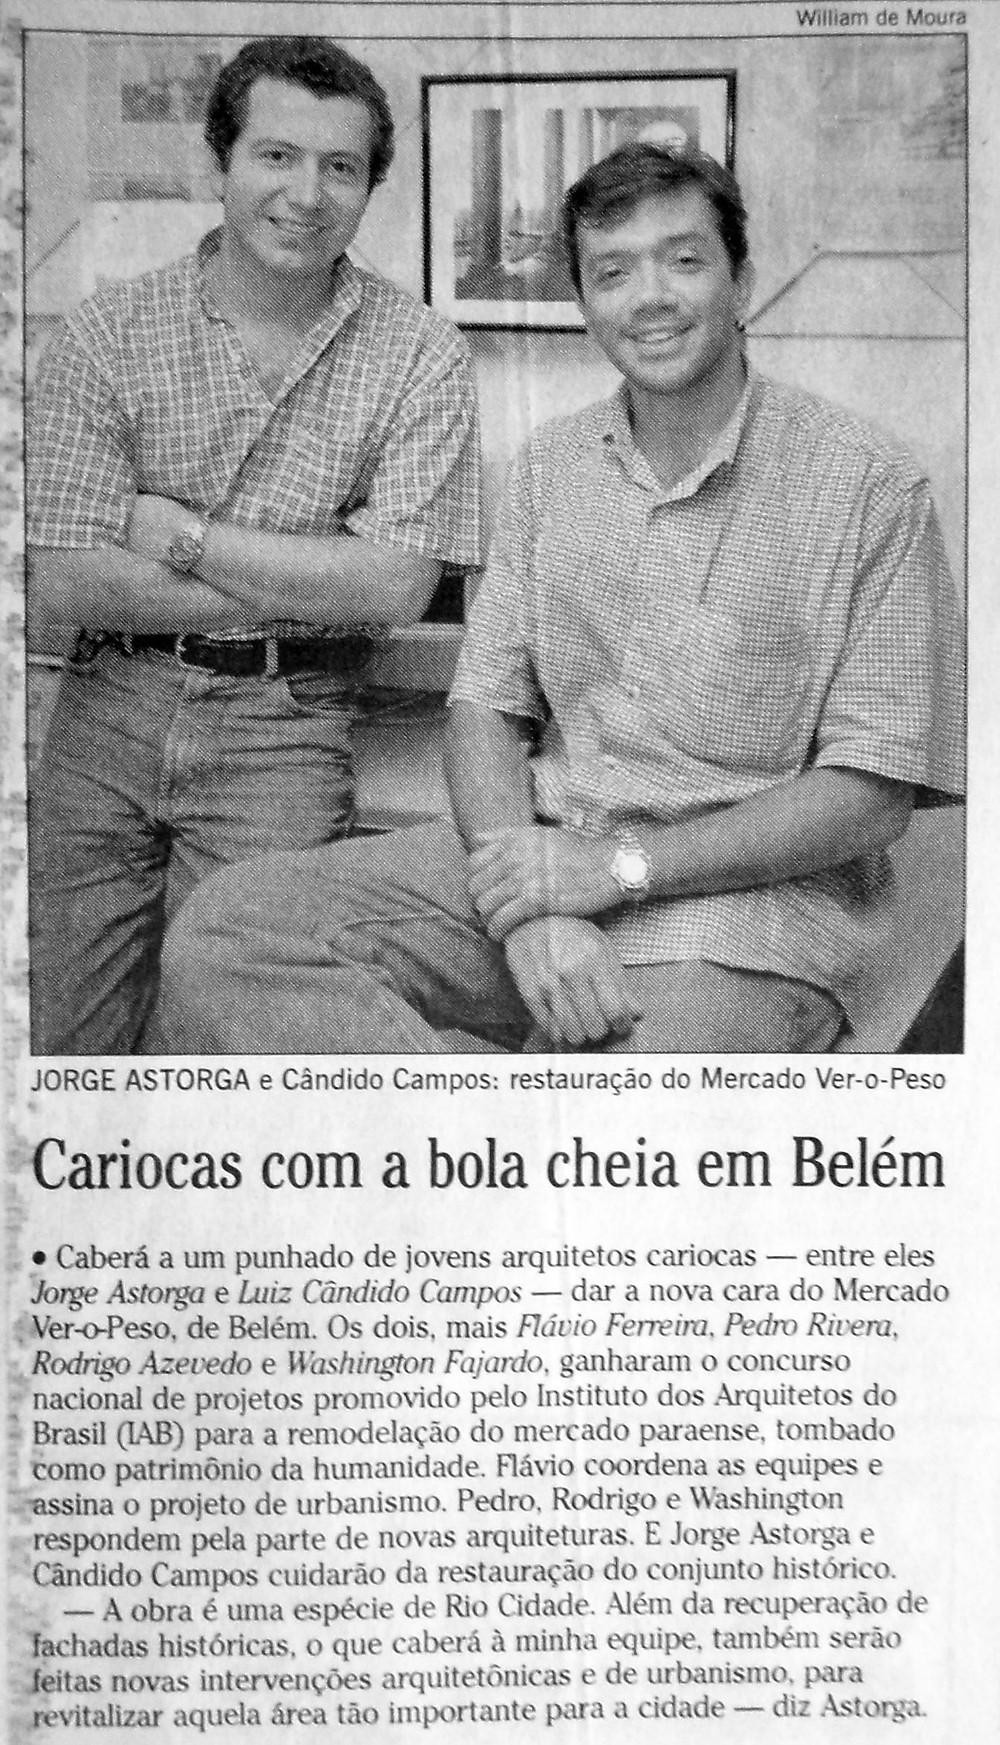 e uma nota publicada no jornal O GLOBO (06/03/1999, p. 14)